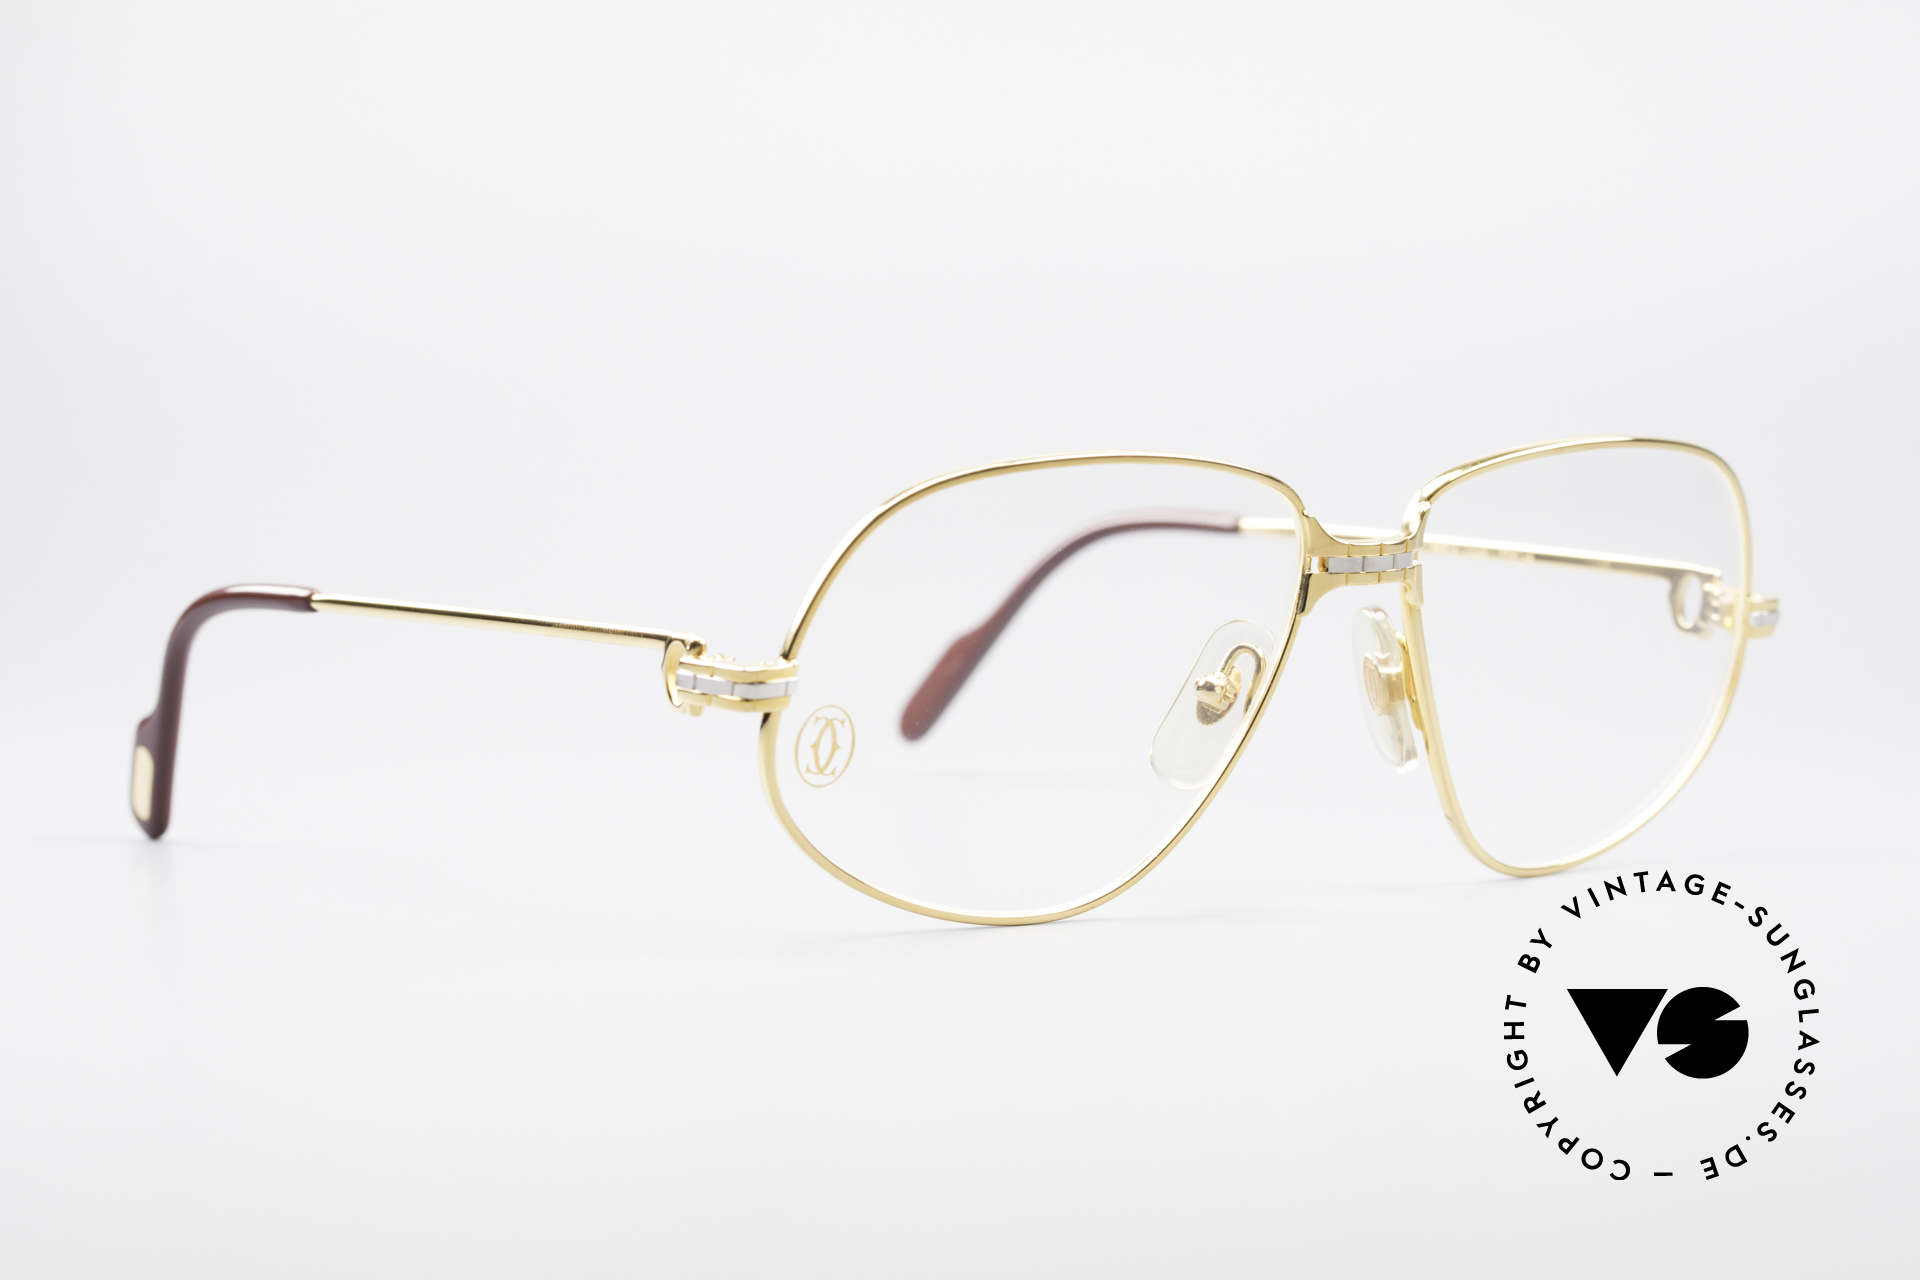 Cartier Panthere G.M. - M Luxus Vintage Brille 1980er, wurde 1988 veröffentlicht und dann bis 1997 produziert, Passend für Herren